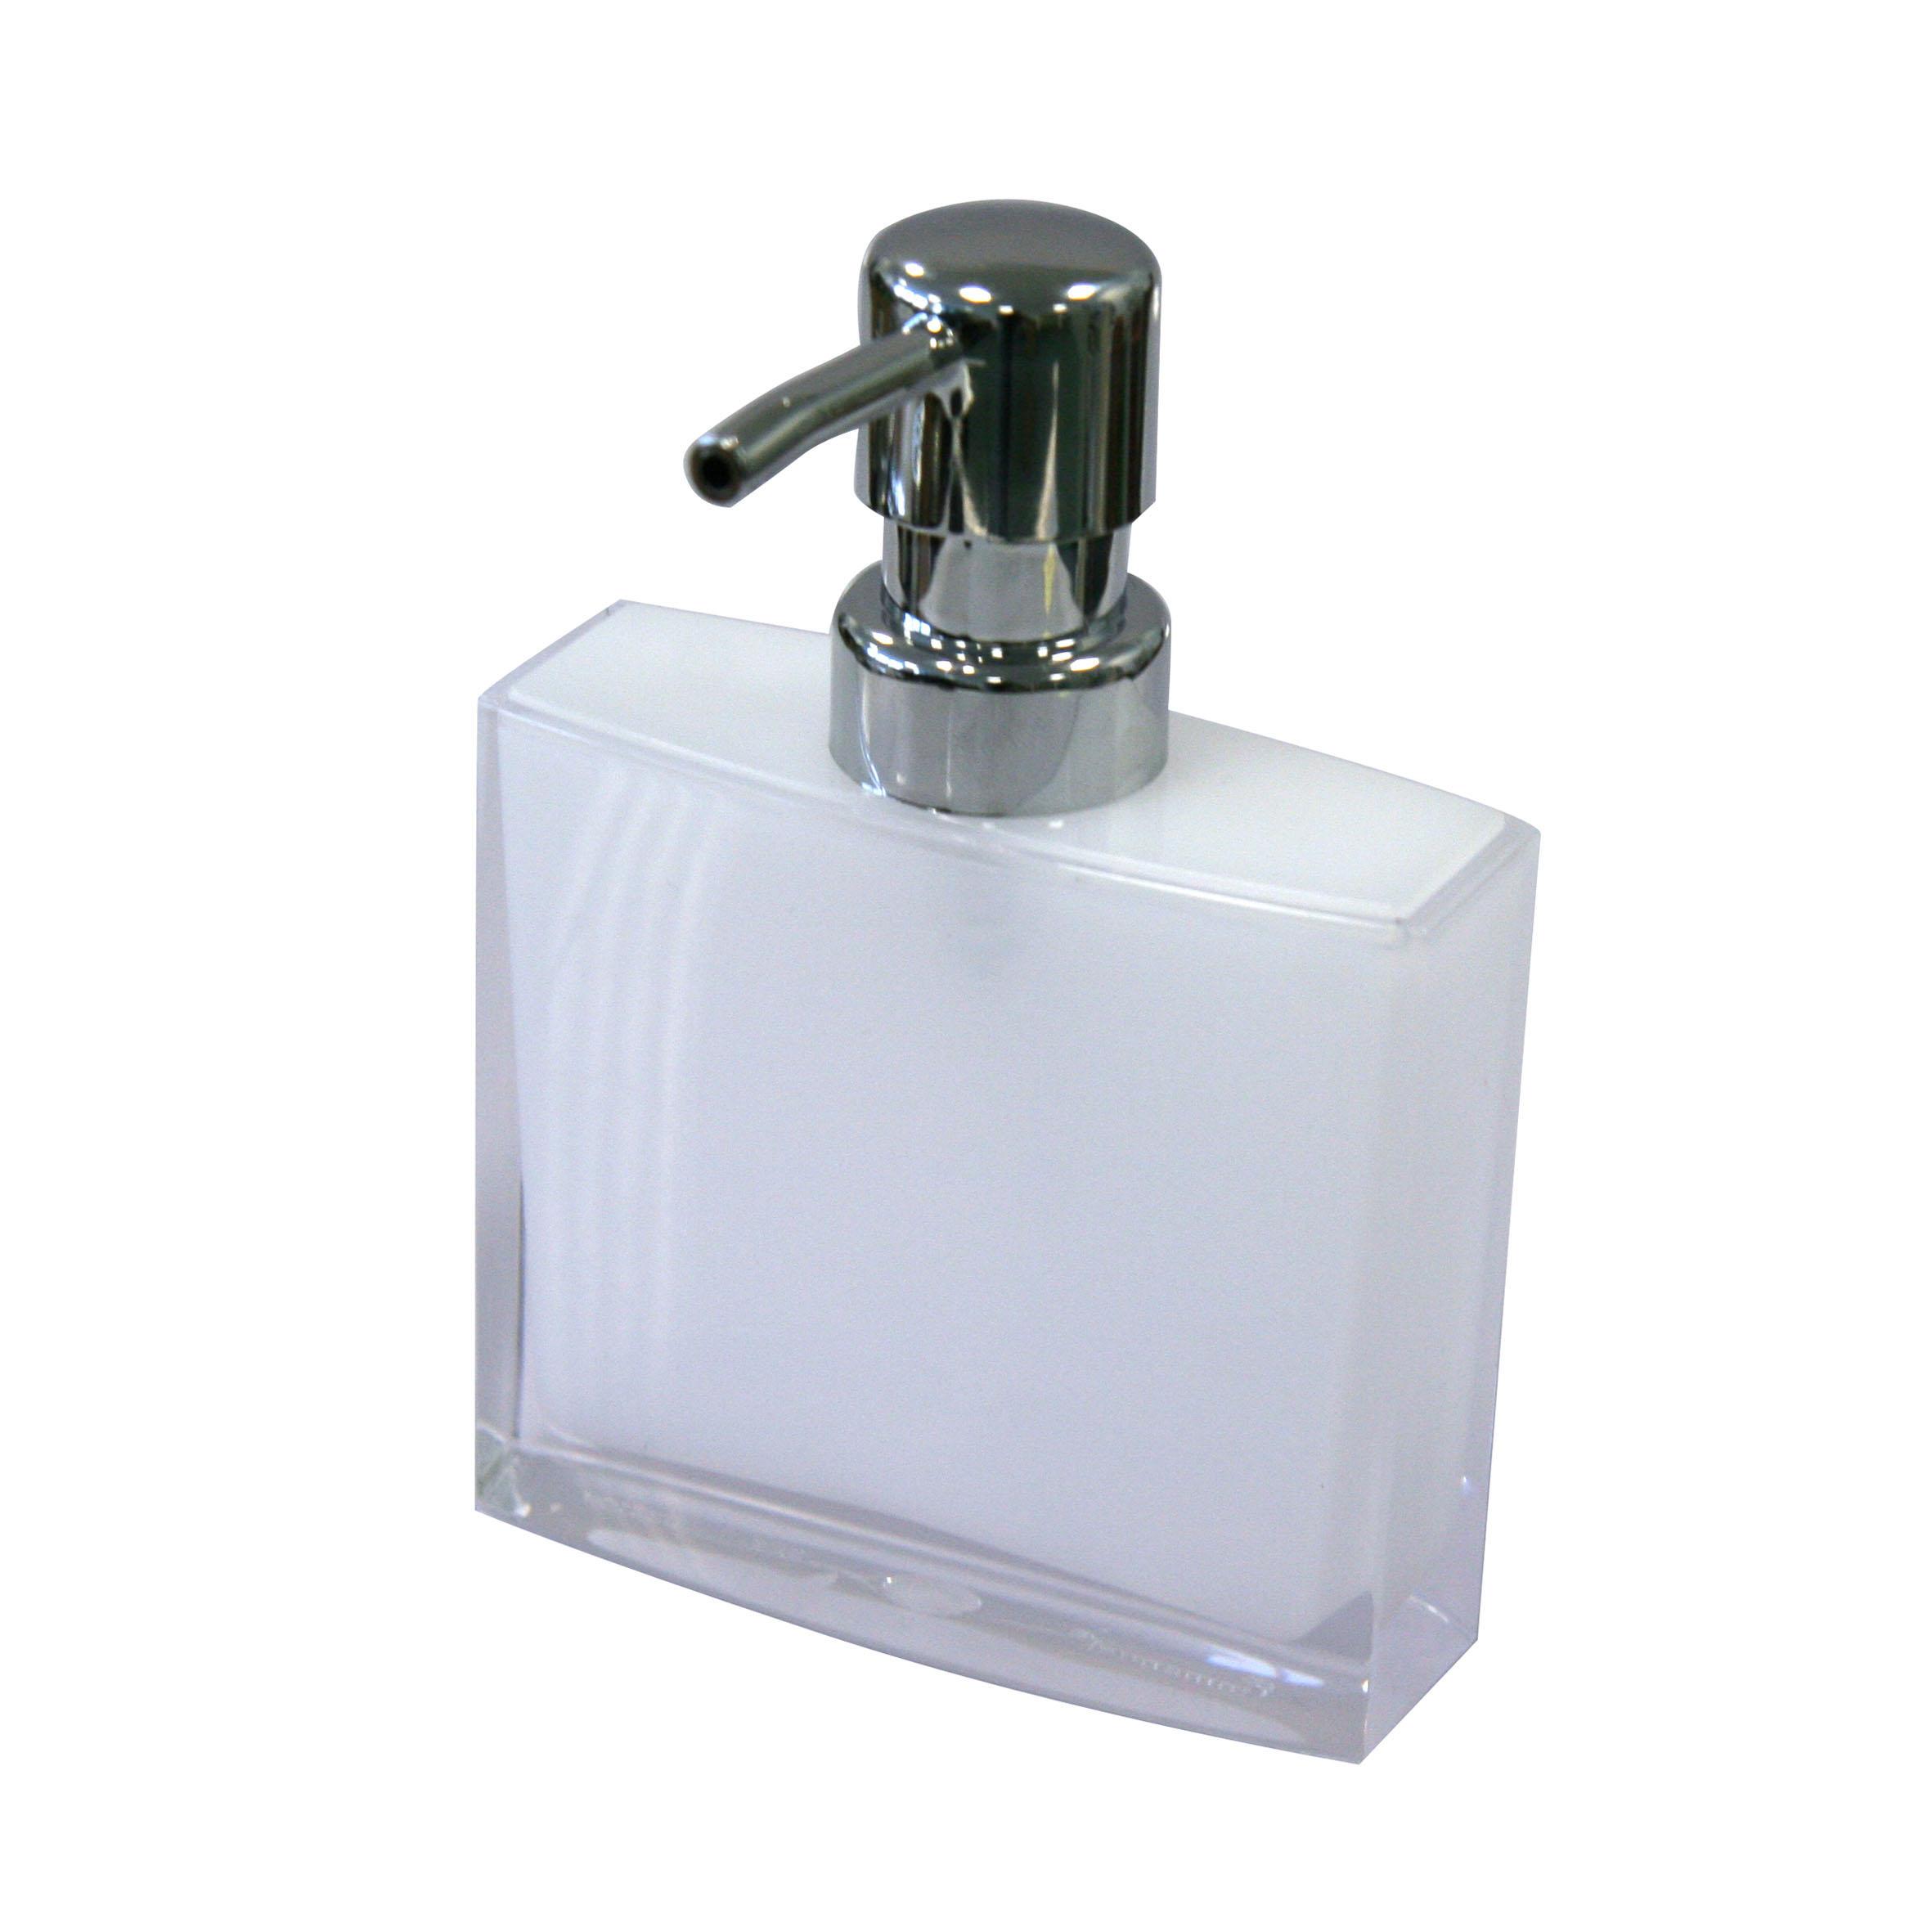 Дозатор для жидкого мыла Axentia Priamos282322Дозатор для жидкого мыла Axentia Priamos изготовлен из высококачественного акрила. Акрил - это долговечный, прочный и легкий в уходе материал. Изделие прекрасно дополнит интерьер вашей ванной комнаты или кухни.Высота дозатора: 15 см.